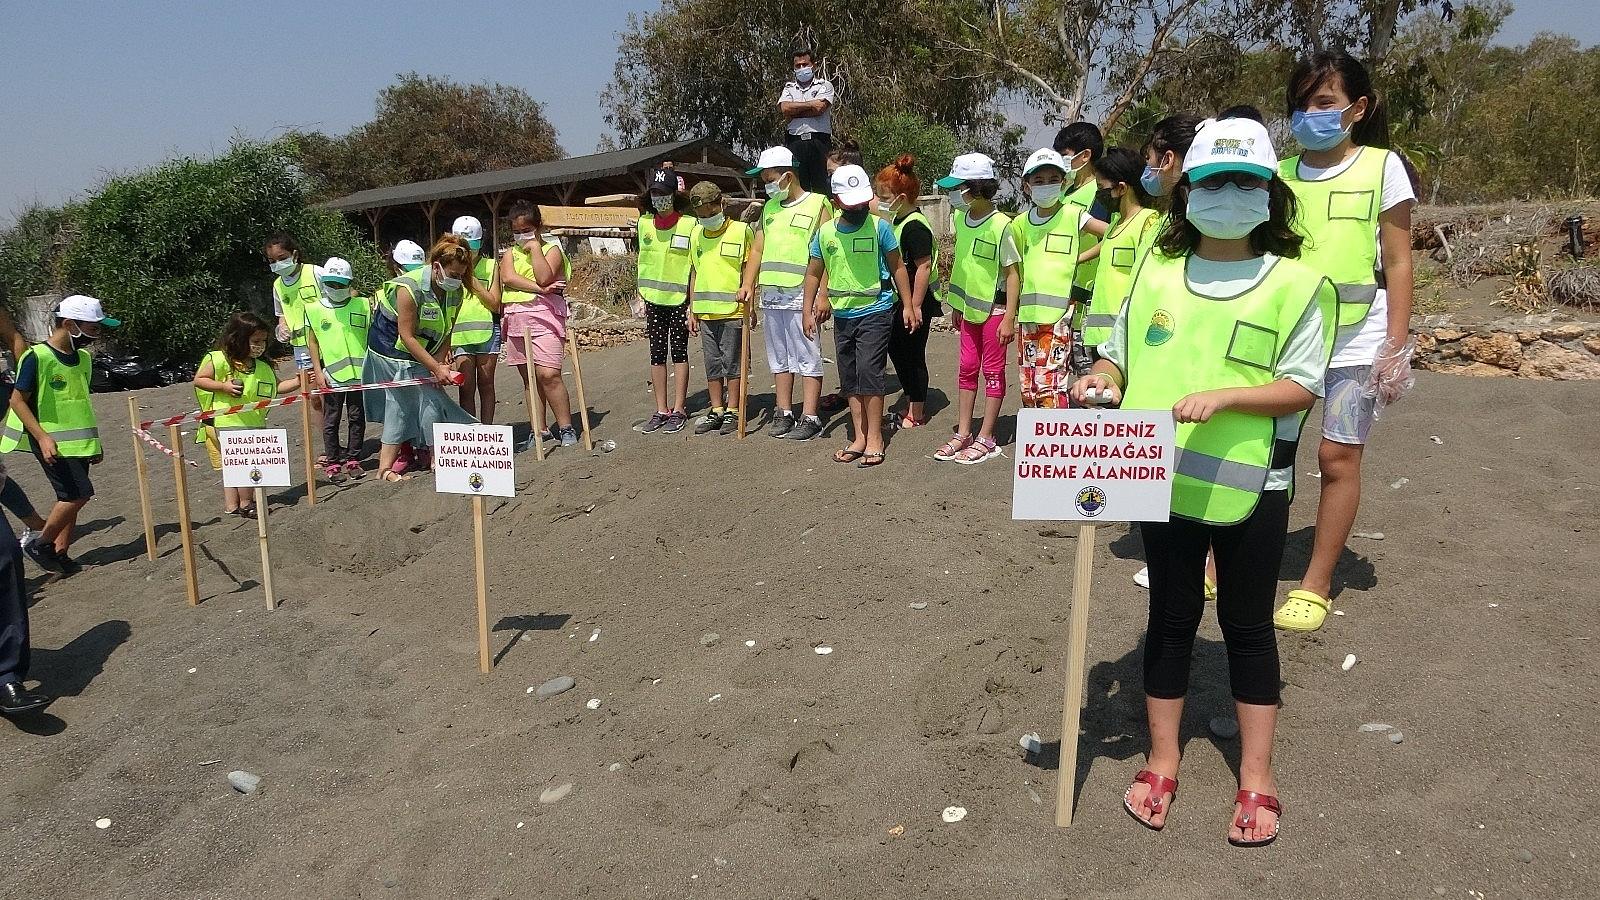 2021/06/mersinde-deniz-kaplumbagalari-ureme-alaninda-sahil-temizligi-20210610AW34-6.jpg